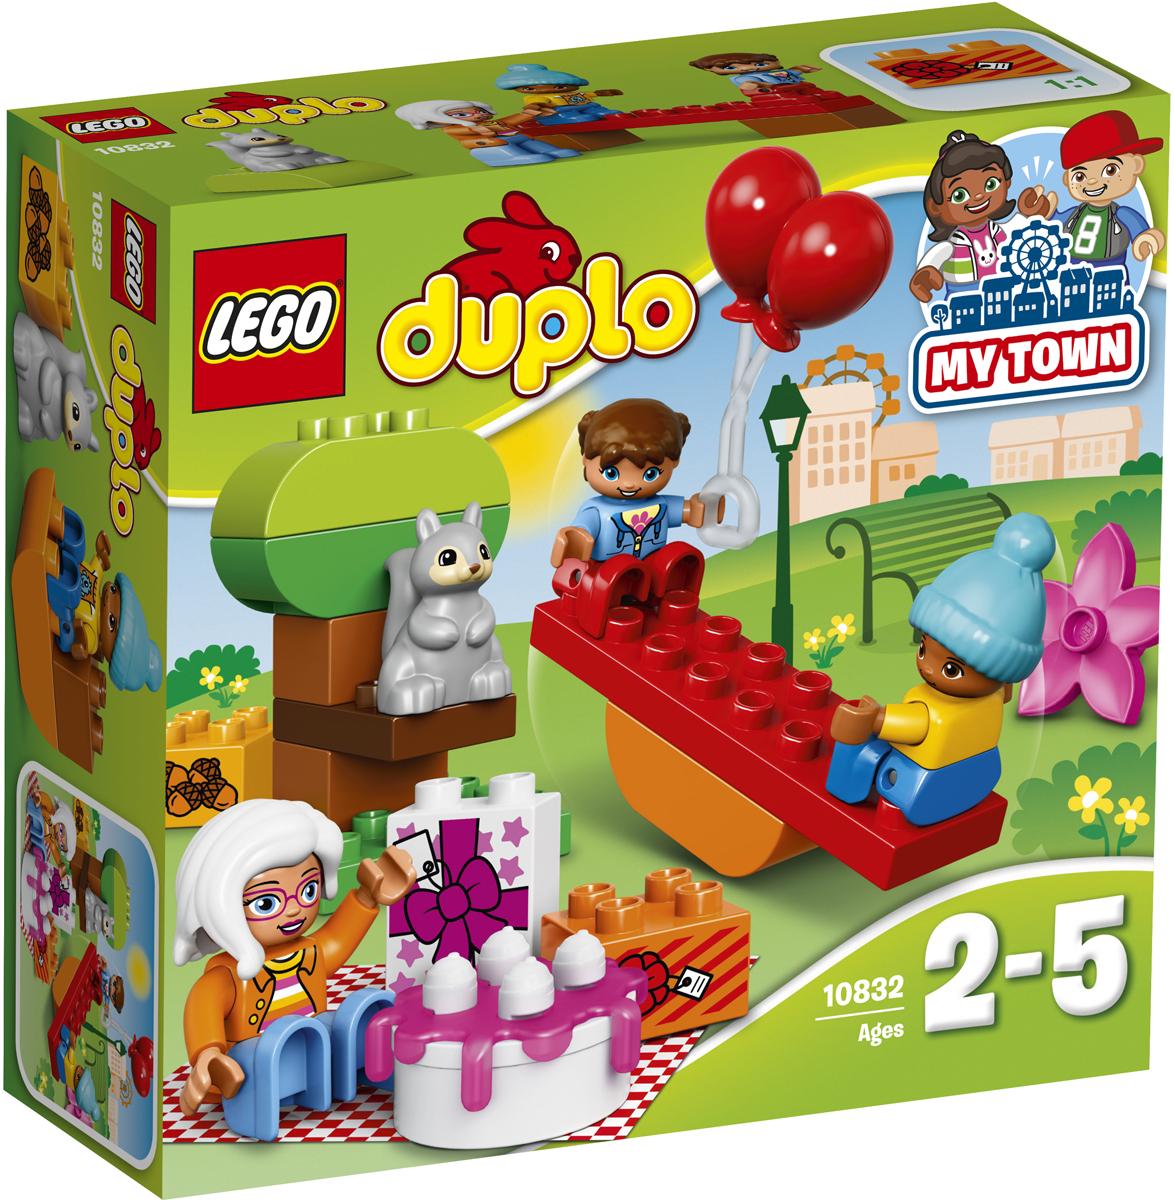 LEGO DUPLO Конструктор День рождения 1083210832Разыгрывайте реальные сценарии из жизни с помощью LEGO DUPLO: создавайте узнаваемый мир с новыми фигурками DUPLO. Маленьким детям понравится играть с шариками и устраивать в парке пикник по случаю дня рождения вместе с бабушкой. Покачайтесь на качелях, соберите дерево и расстелите под ним одеяло. Вот идеальное место для пикника! В набор входят три мини-фигурки DUPLO и фигурка белки. Набор включает в себя 19 разноцветных пластиковых элементов. Конструктор - это один из самых увлекательных и веселых способов времяпрепровождения. Ребенок сможет часами играть с конструктором, придумывая различные ситуации и истории.